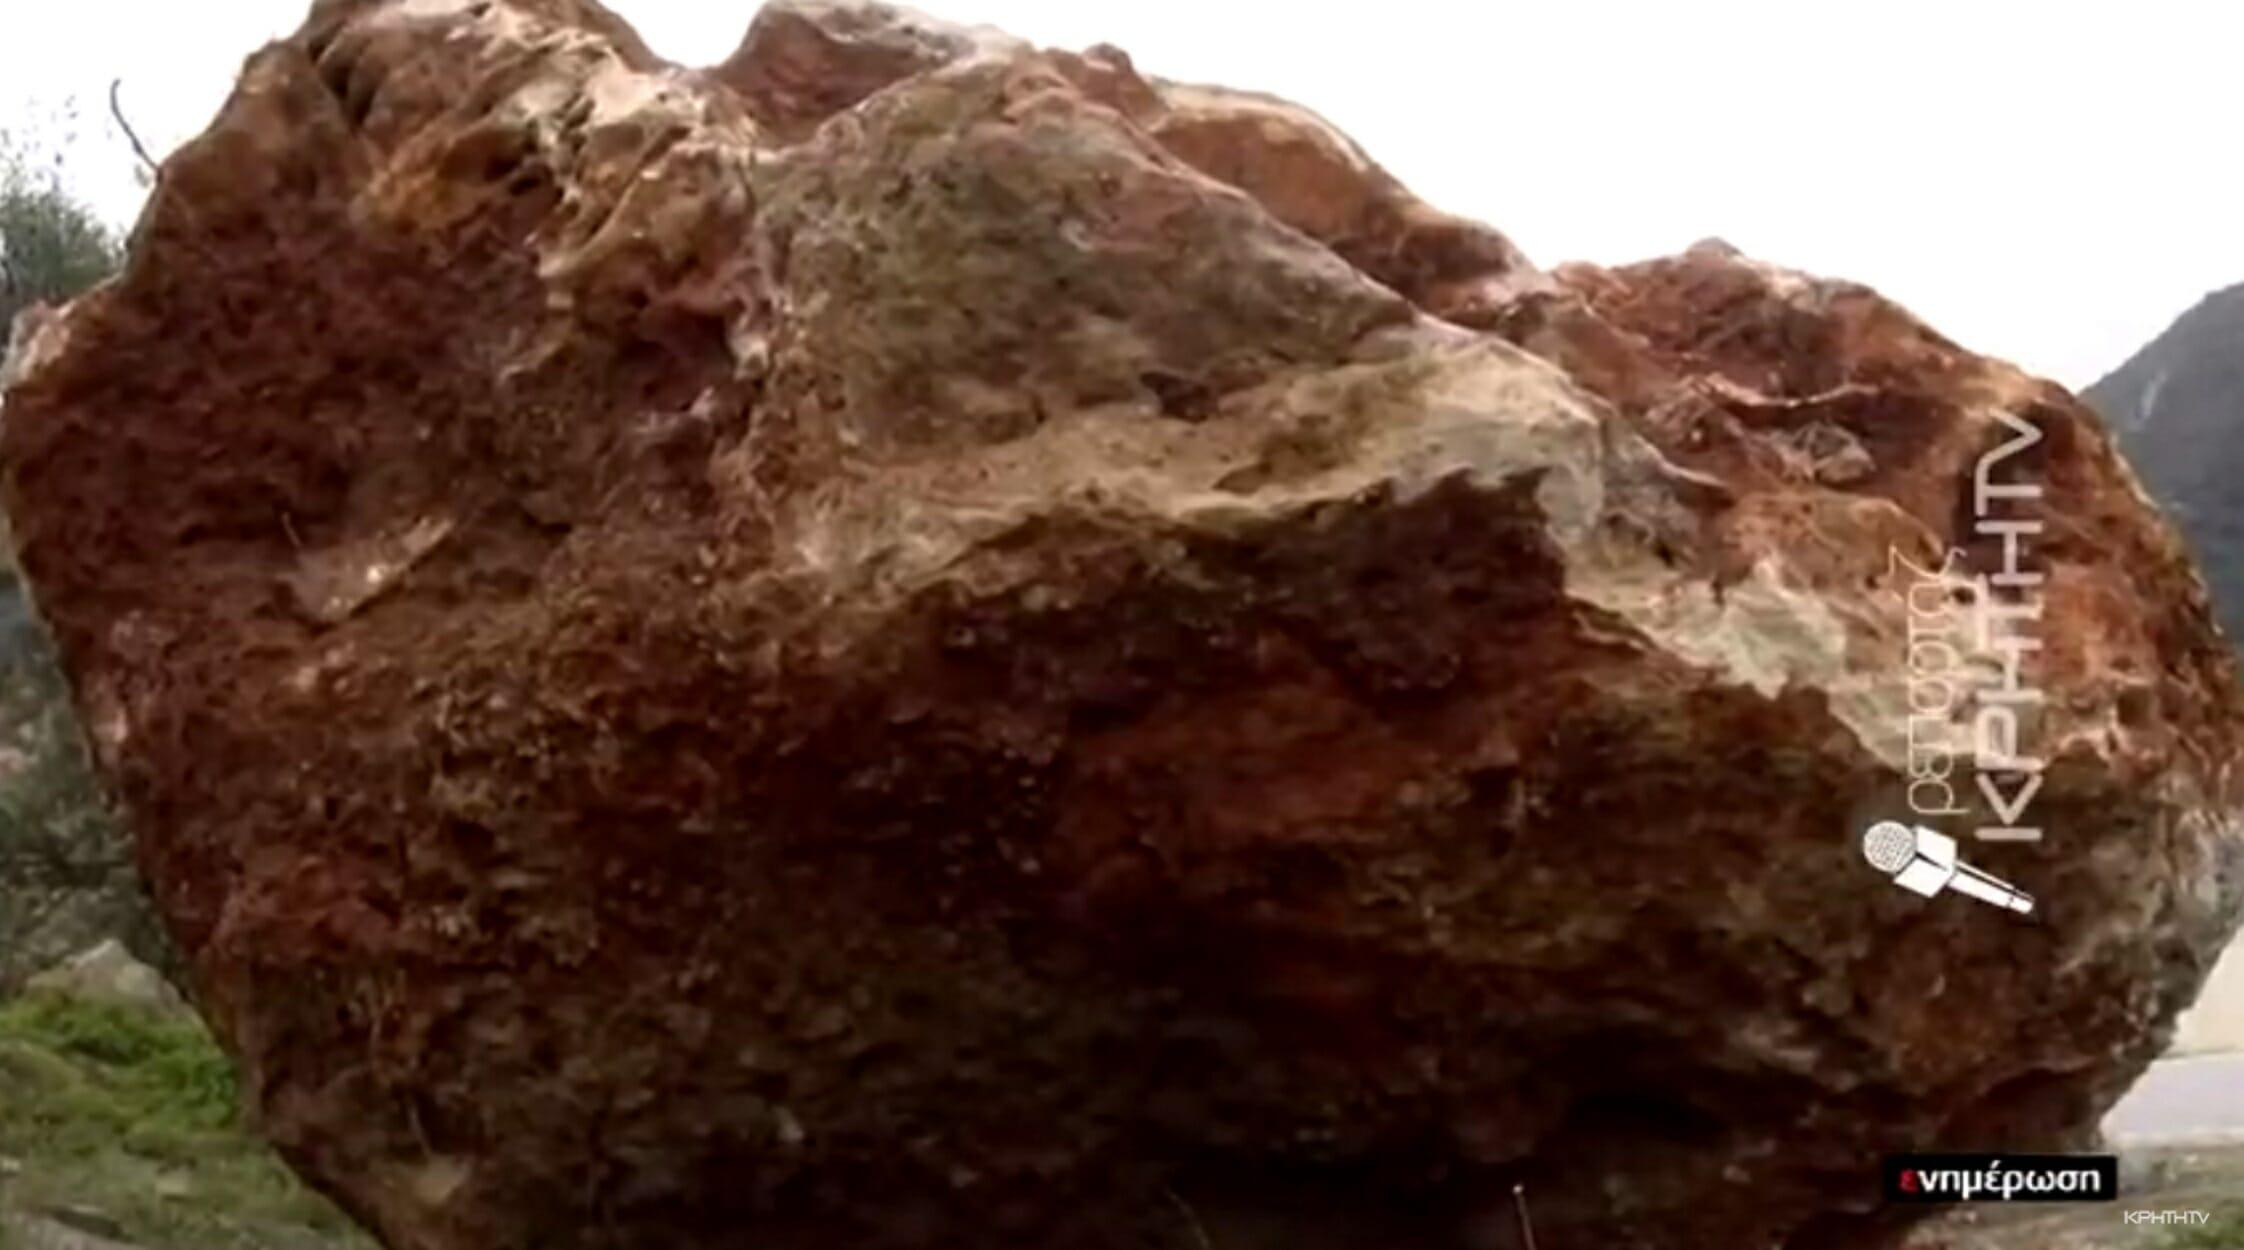 Τεράστιος βράχος αποκολλήθηκε σκορπώντας το φόβο και τον τρόμο! video